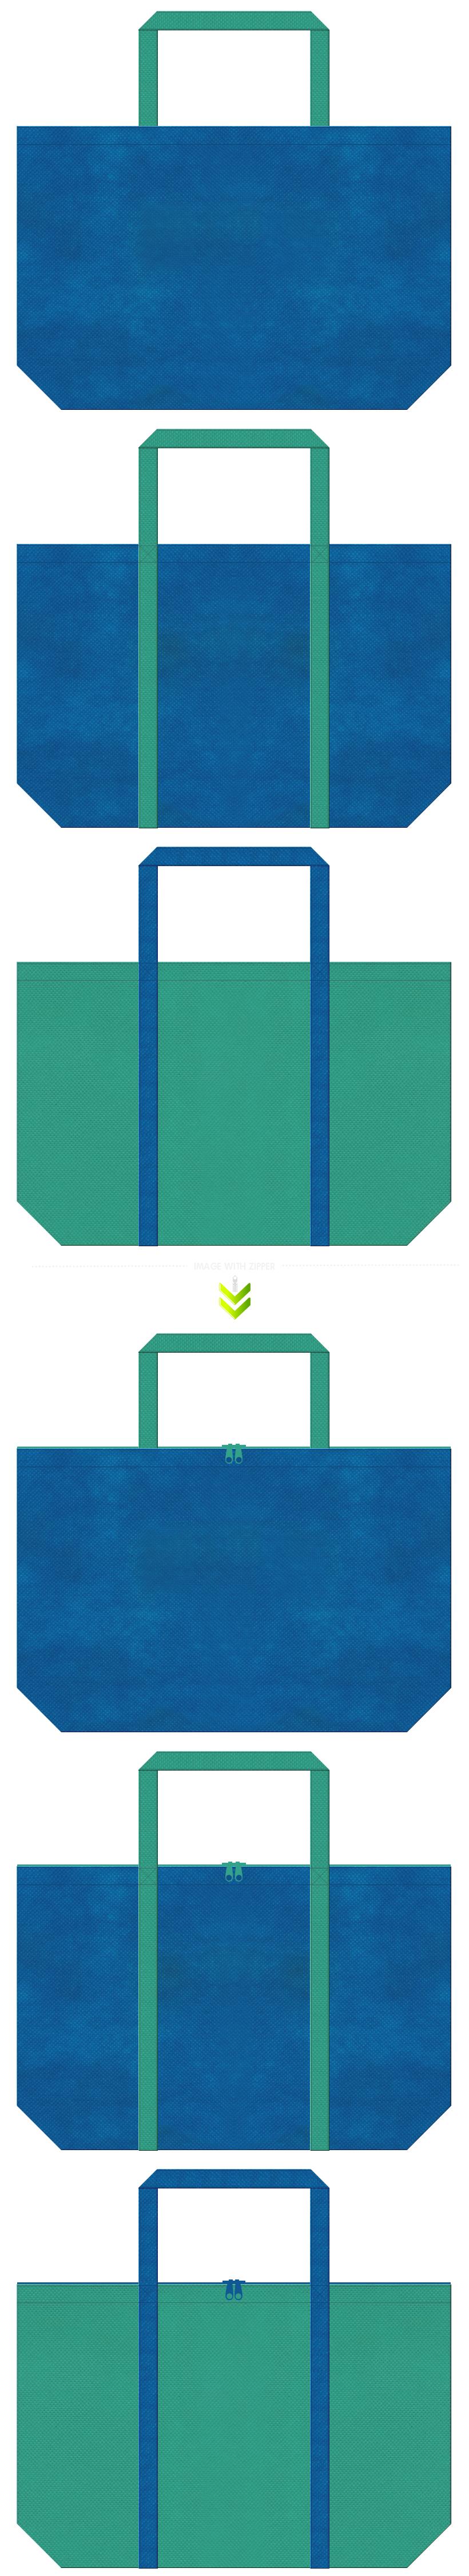 ユニフォーム・運動靴・アウトドア・スポーツイベント・スポーツ用品のショッピングバッグにお奨めの不織布バッグデザイン:青色と青緑色のコーデ